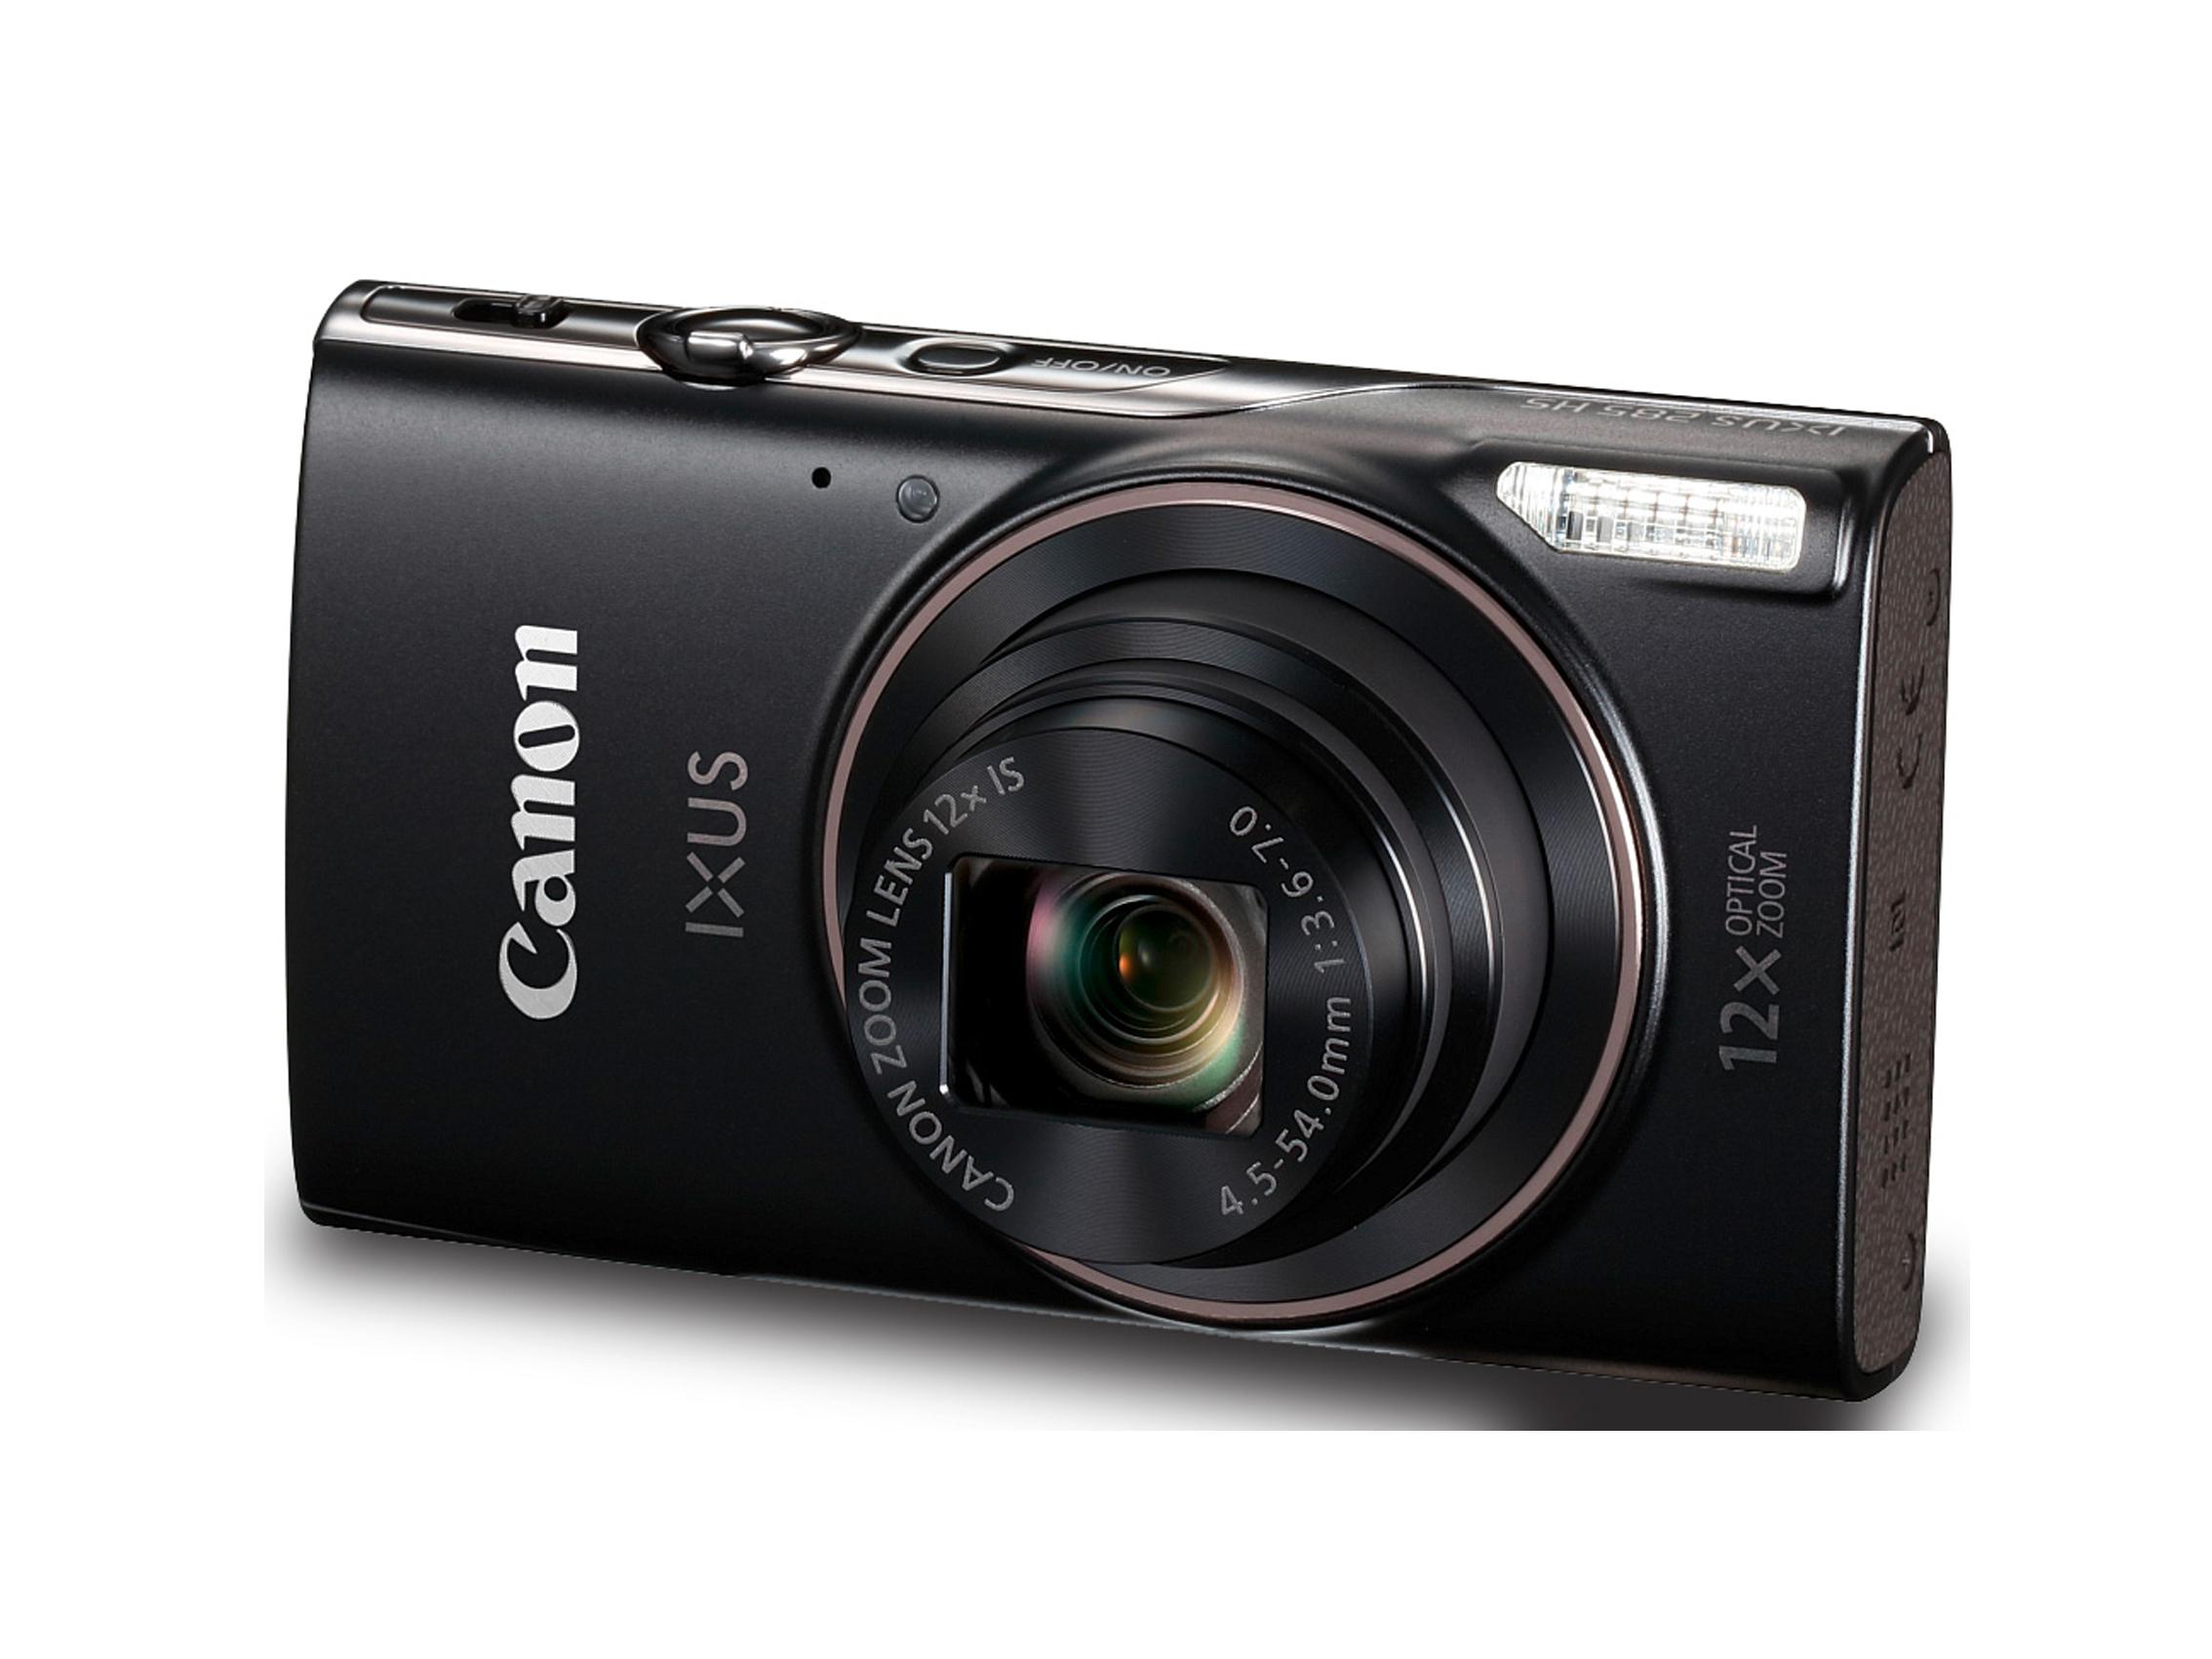 Canon IXUS 285 HS Image